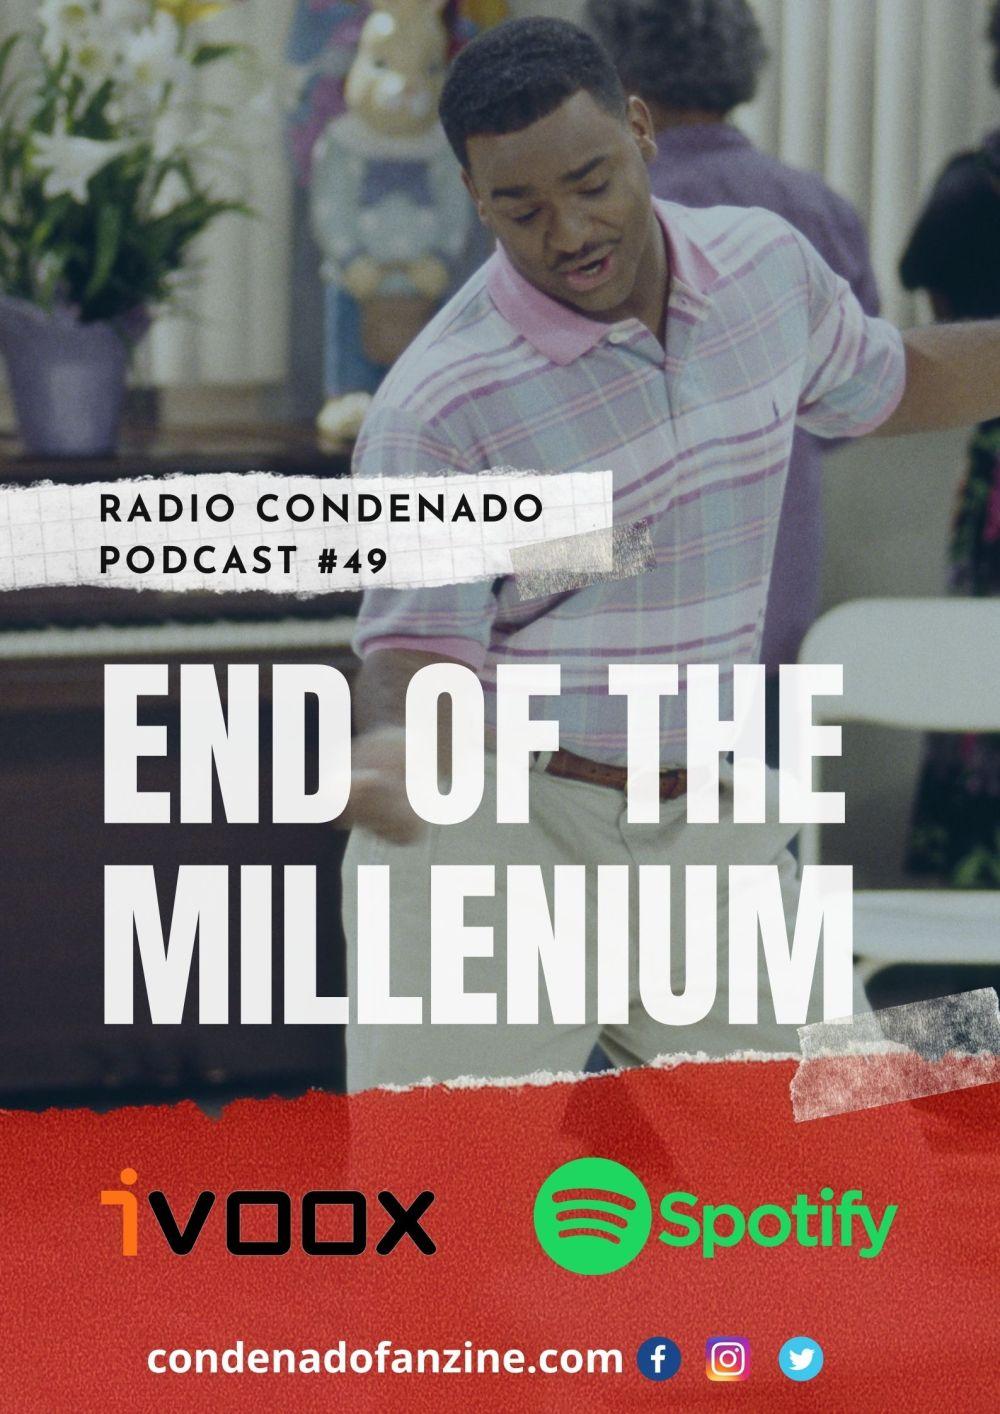 Cartel de Radio Condenado Podcast #49 | End Of The Millenium (1995-2000)